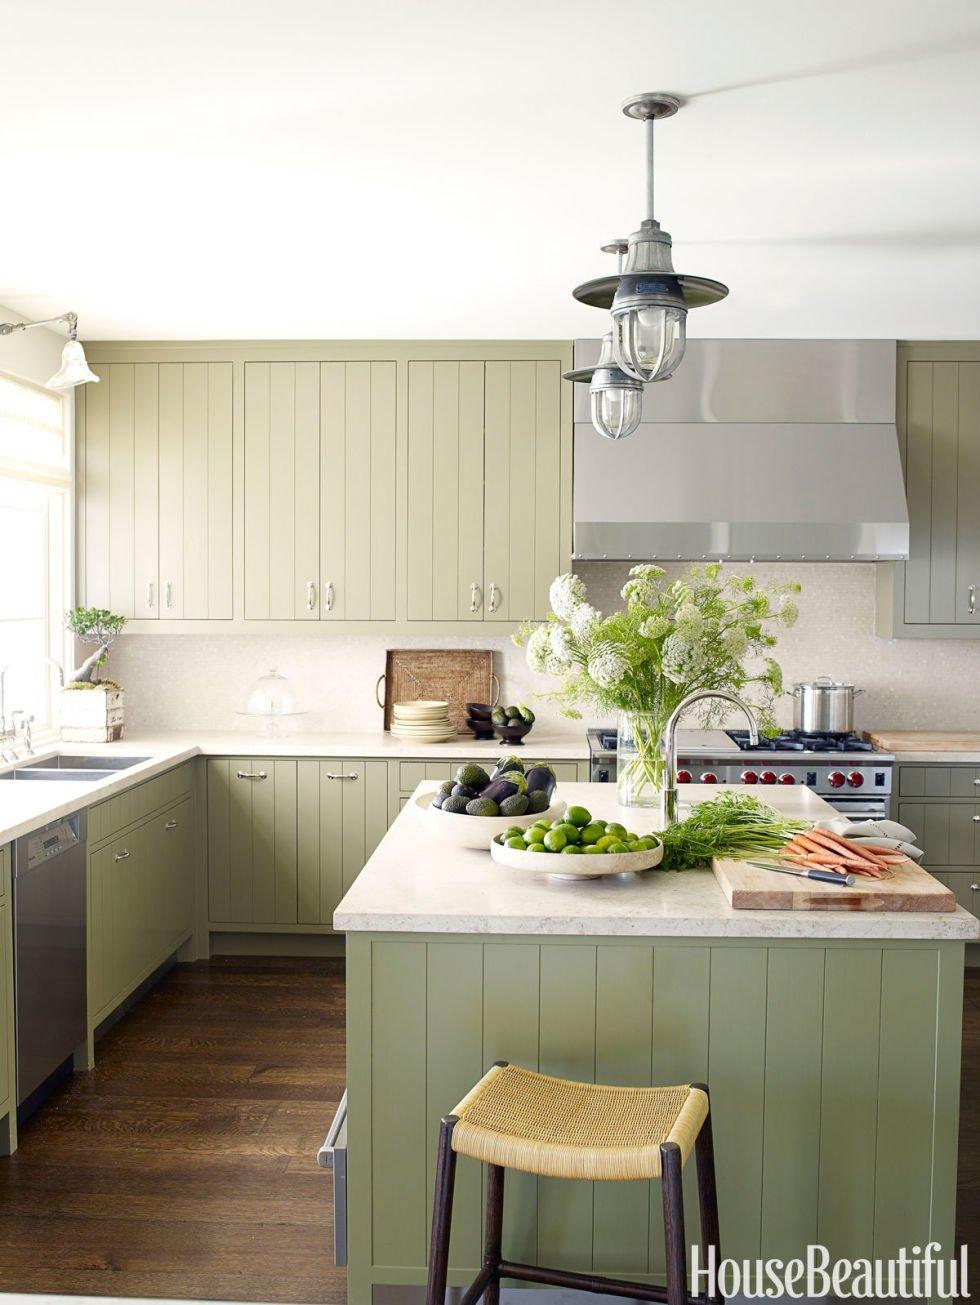 912 gam mau hoan hao cho phong bep d630a374d2 12 gam màu hoàn hảo cho phòng bếp qpdesign